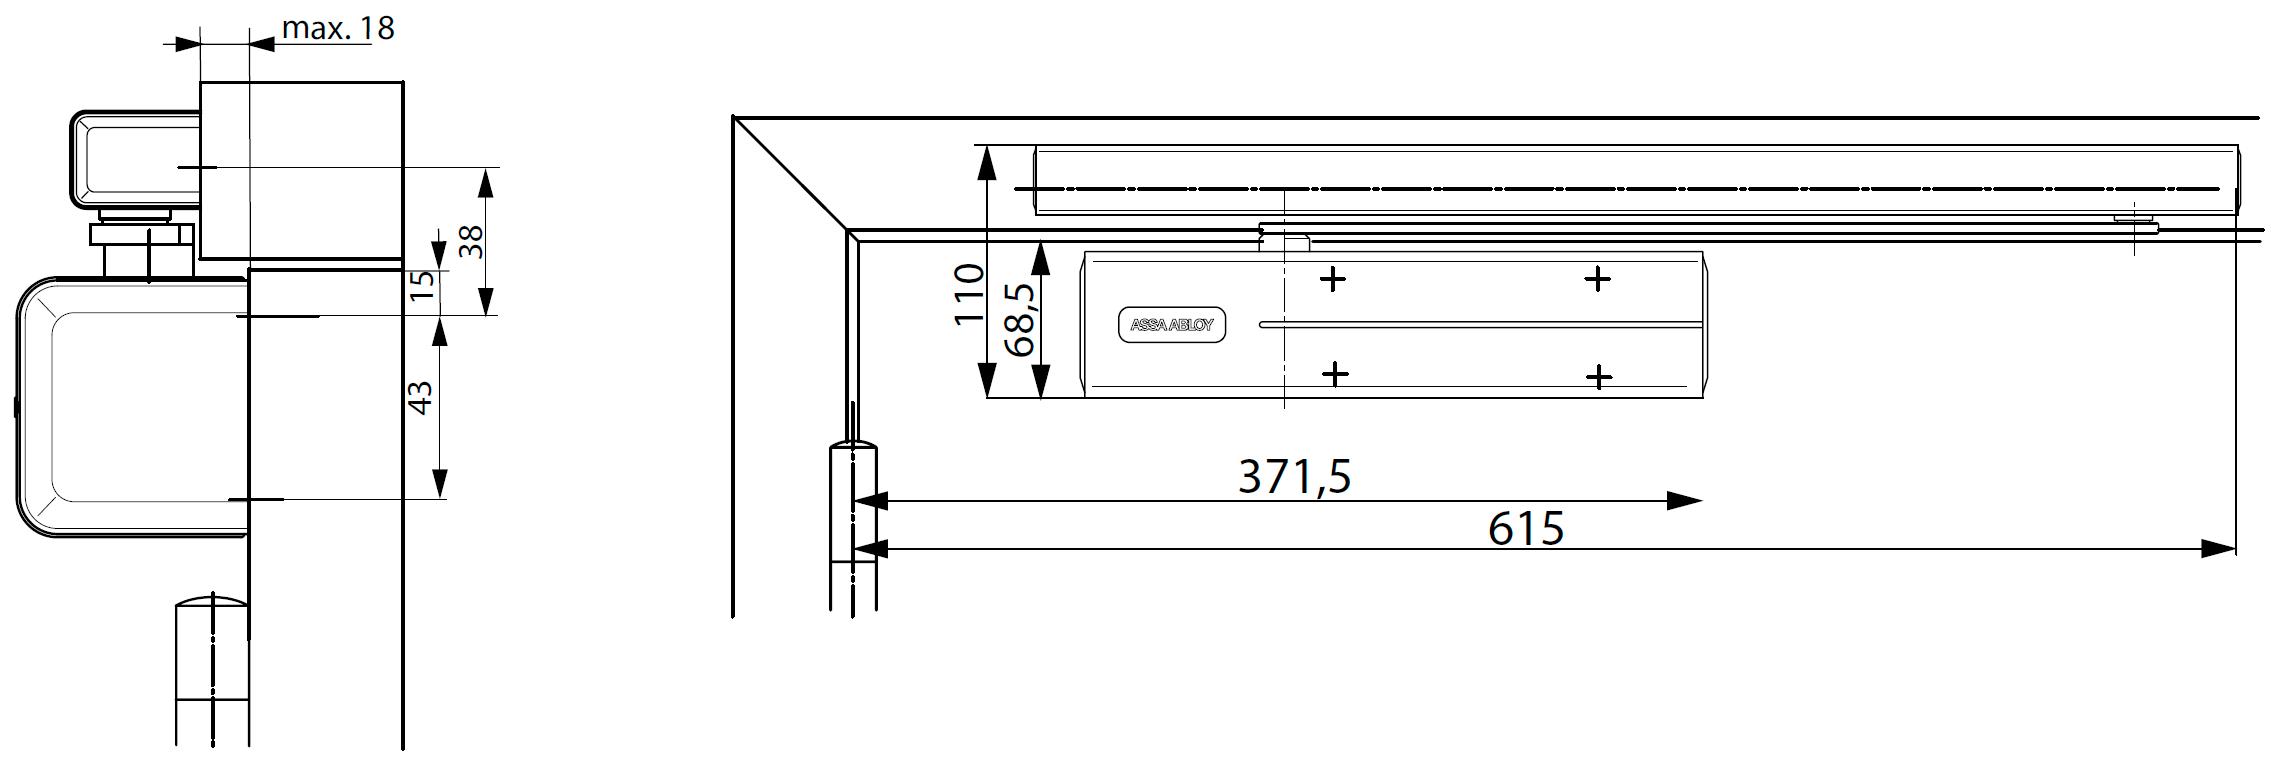 Стандартная установка для DC700 с G460 со стороны петель